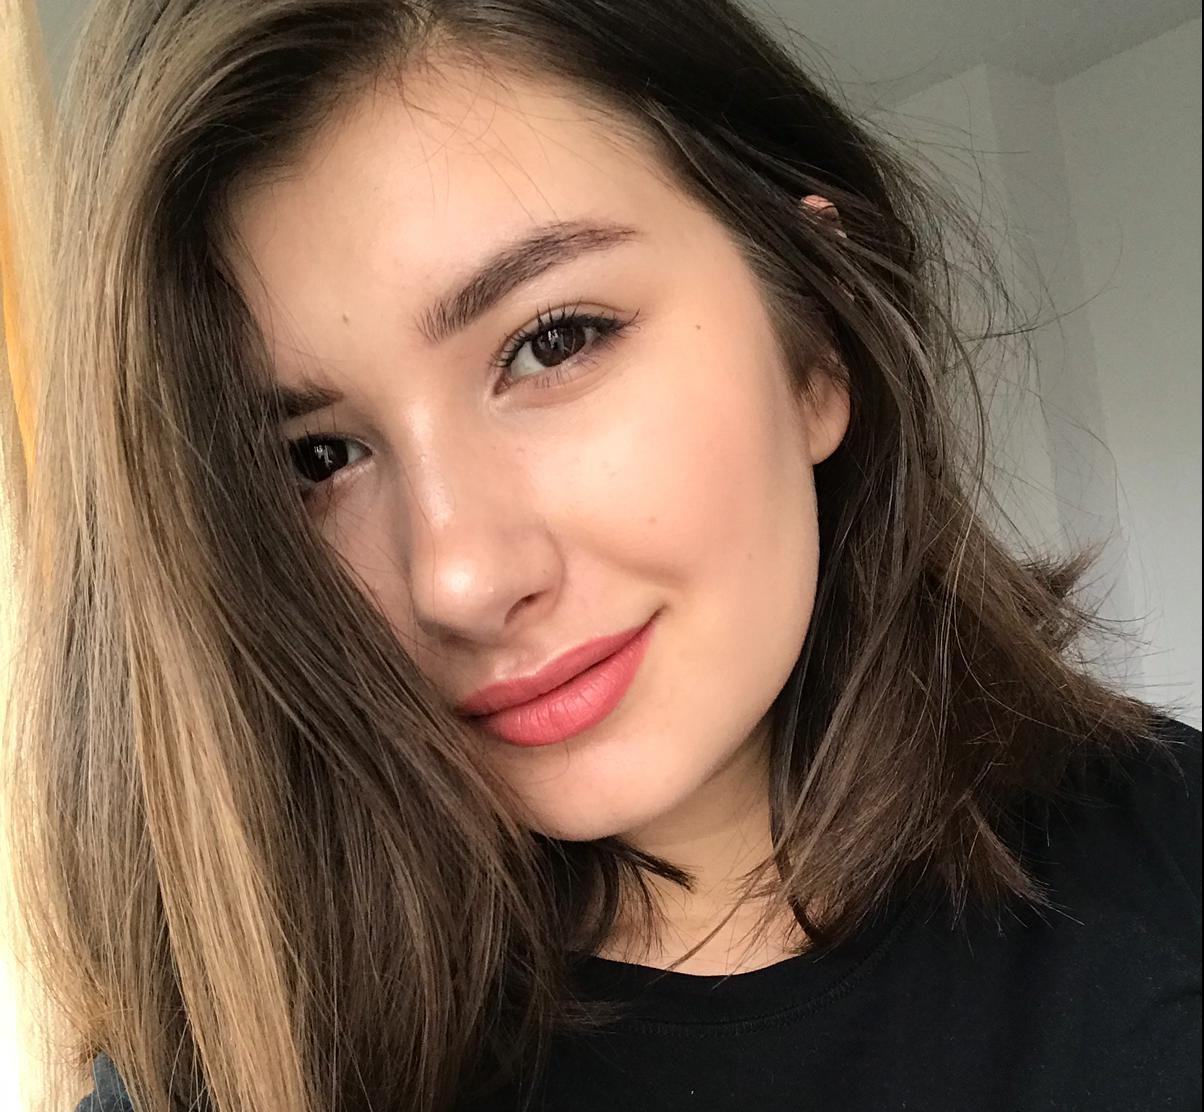 Ioana Avadanei